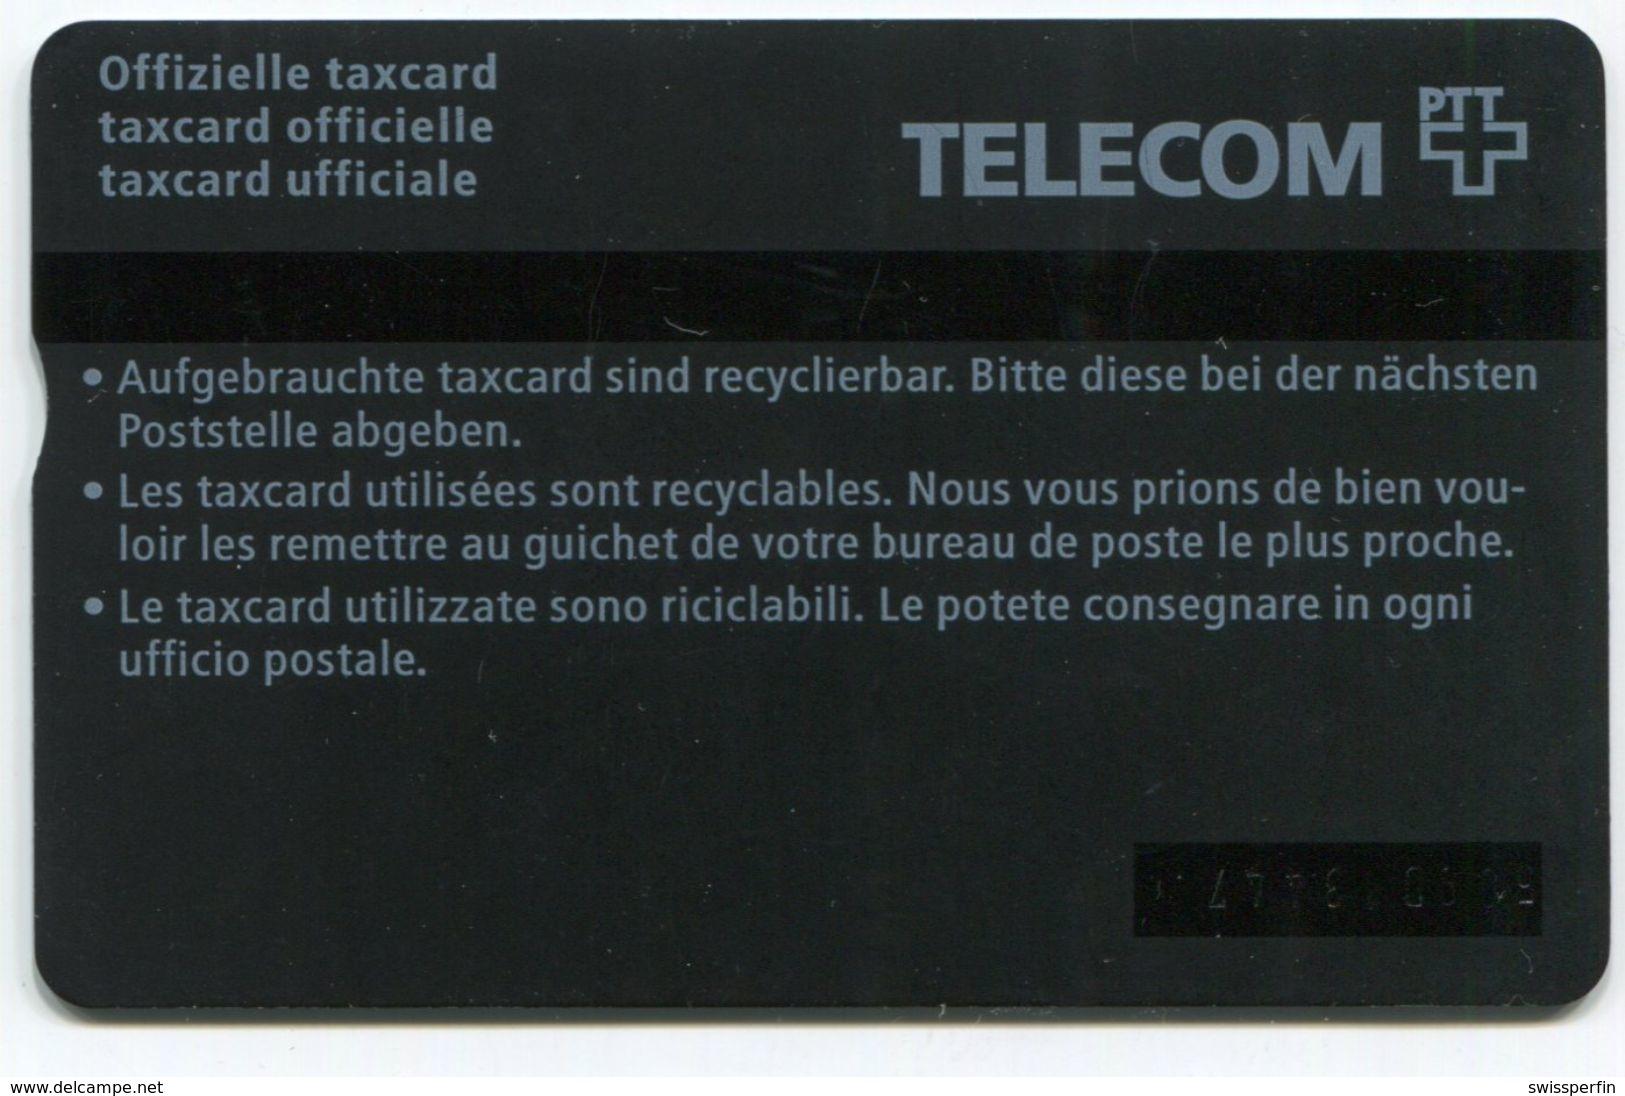 1749 - 10 CHF Älteres Paar - ABART Farbstrich - Gebrauchte Schalterkarte - Suisse